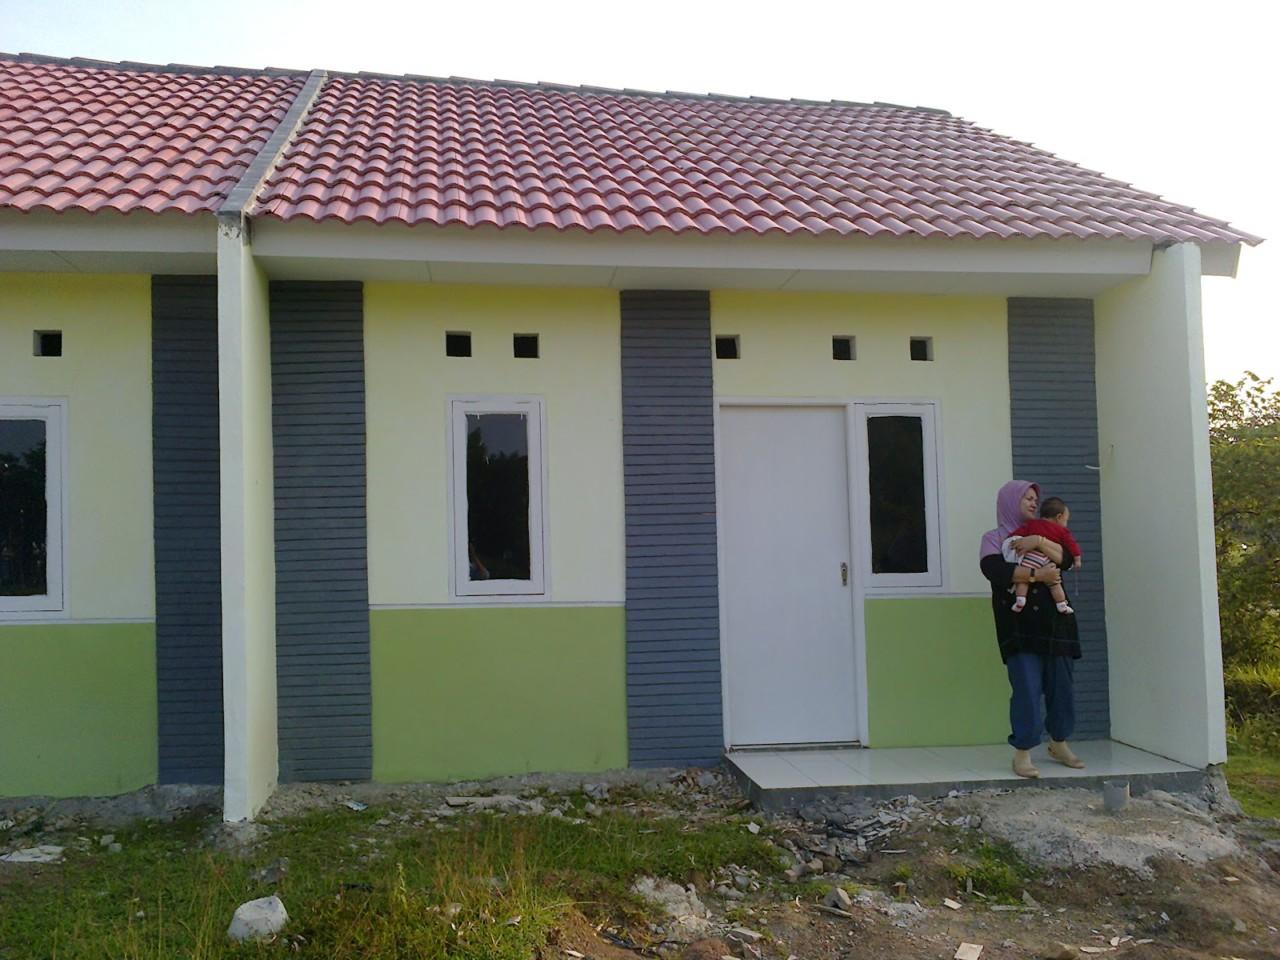 69 Desain Rumah Minimalis Ukuran 6x11